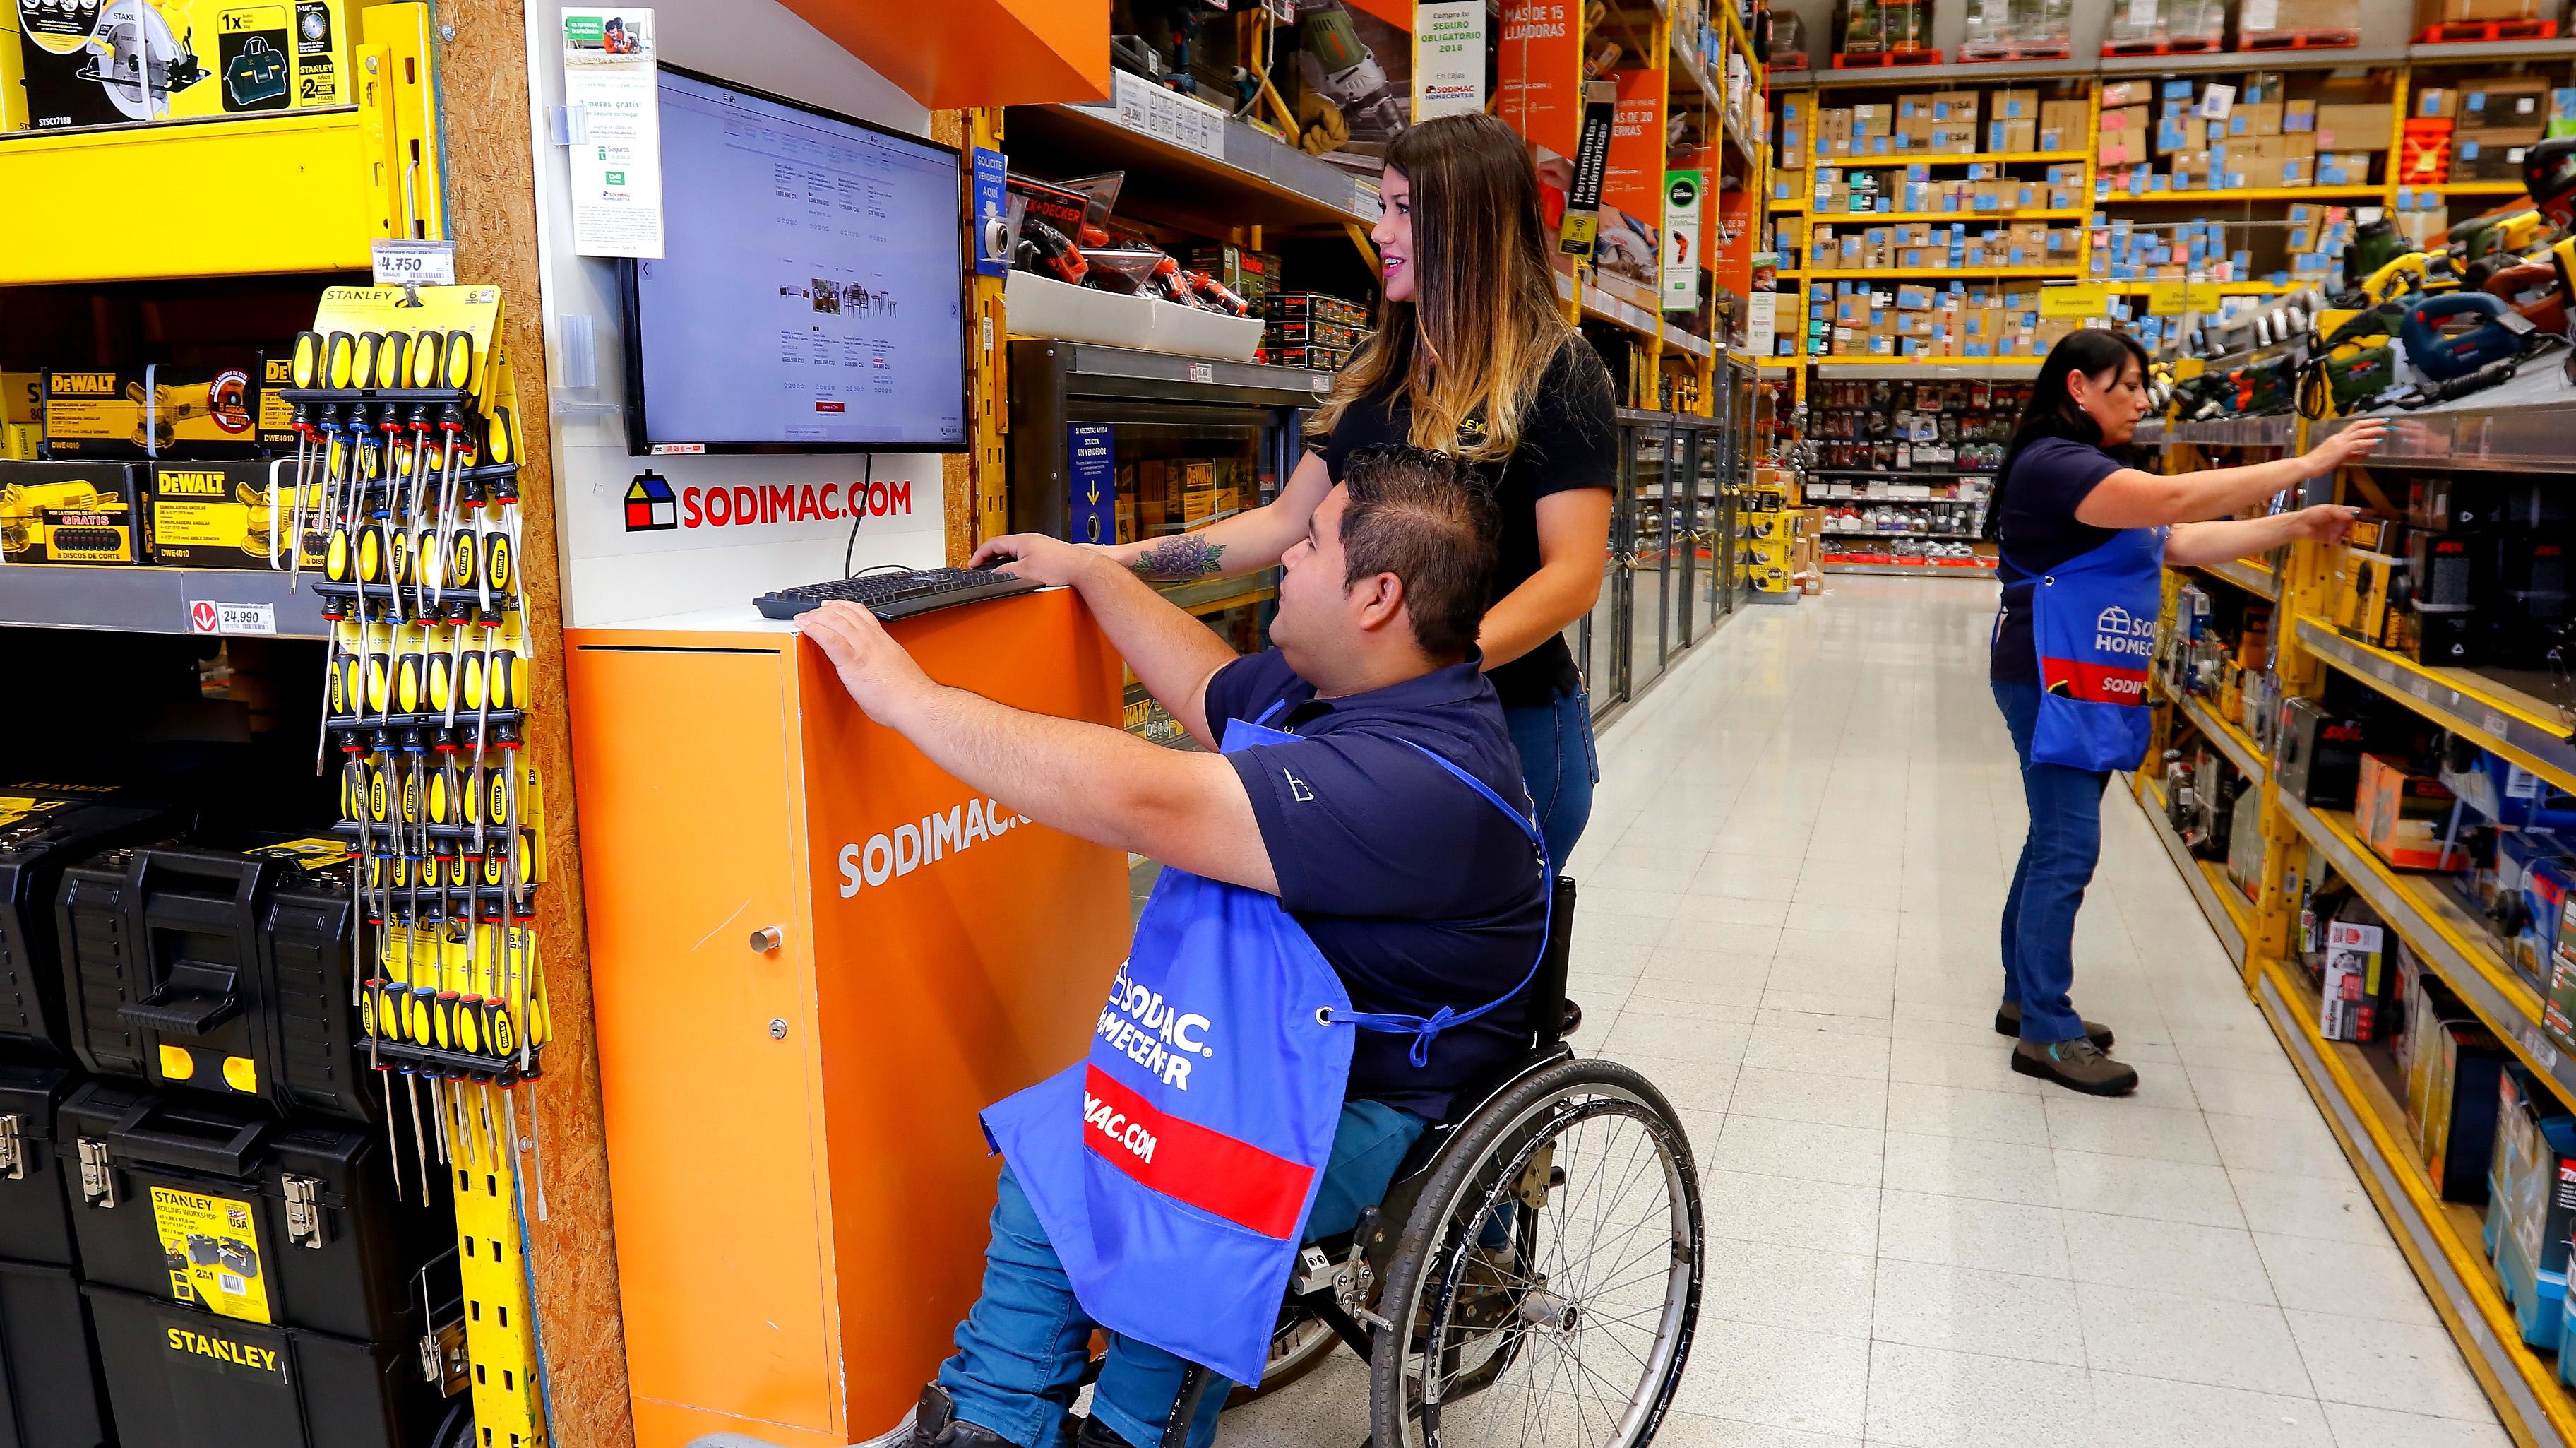 Ley de inclusión: Estudio revela que sólo un 35% de los trabajadores tiene un compañero con discapacidad